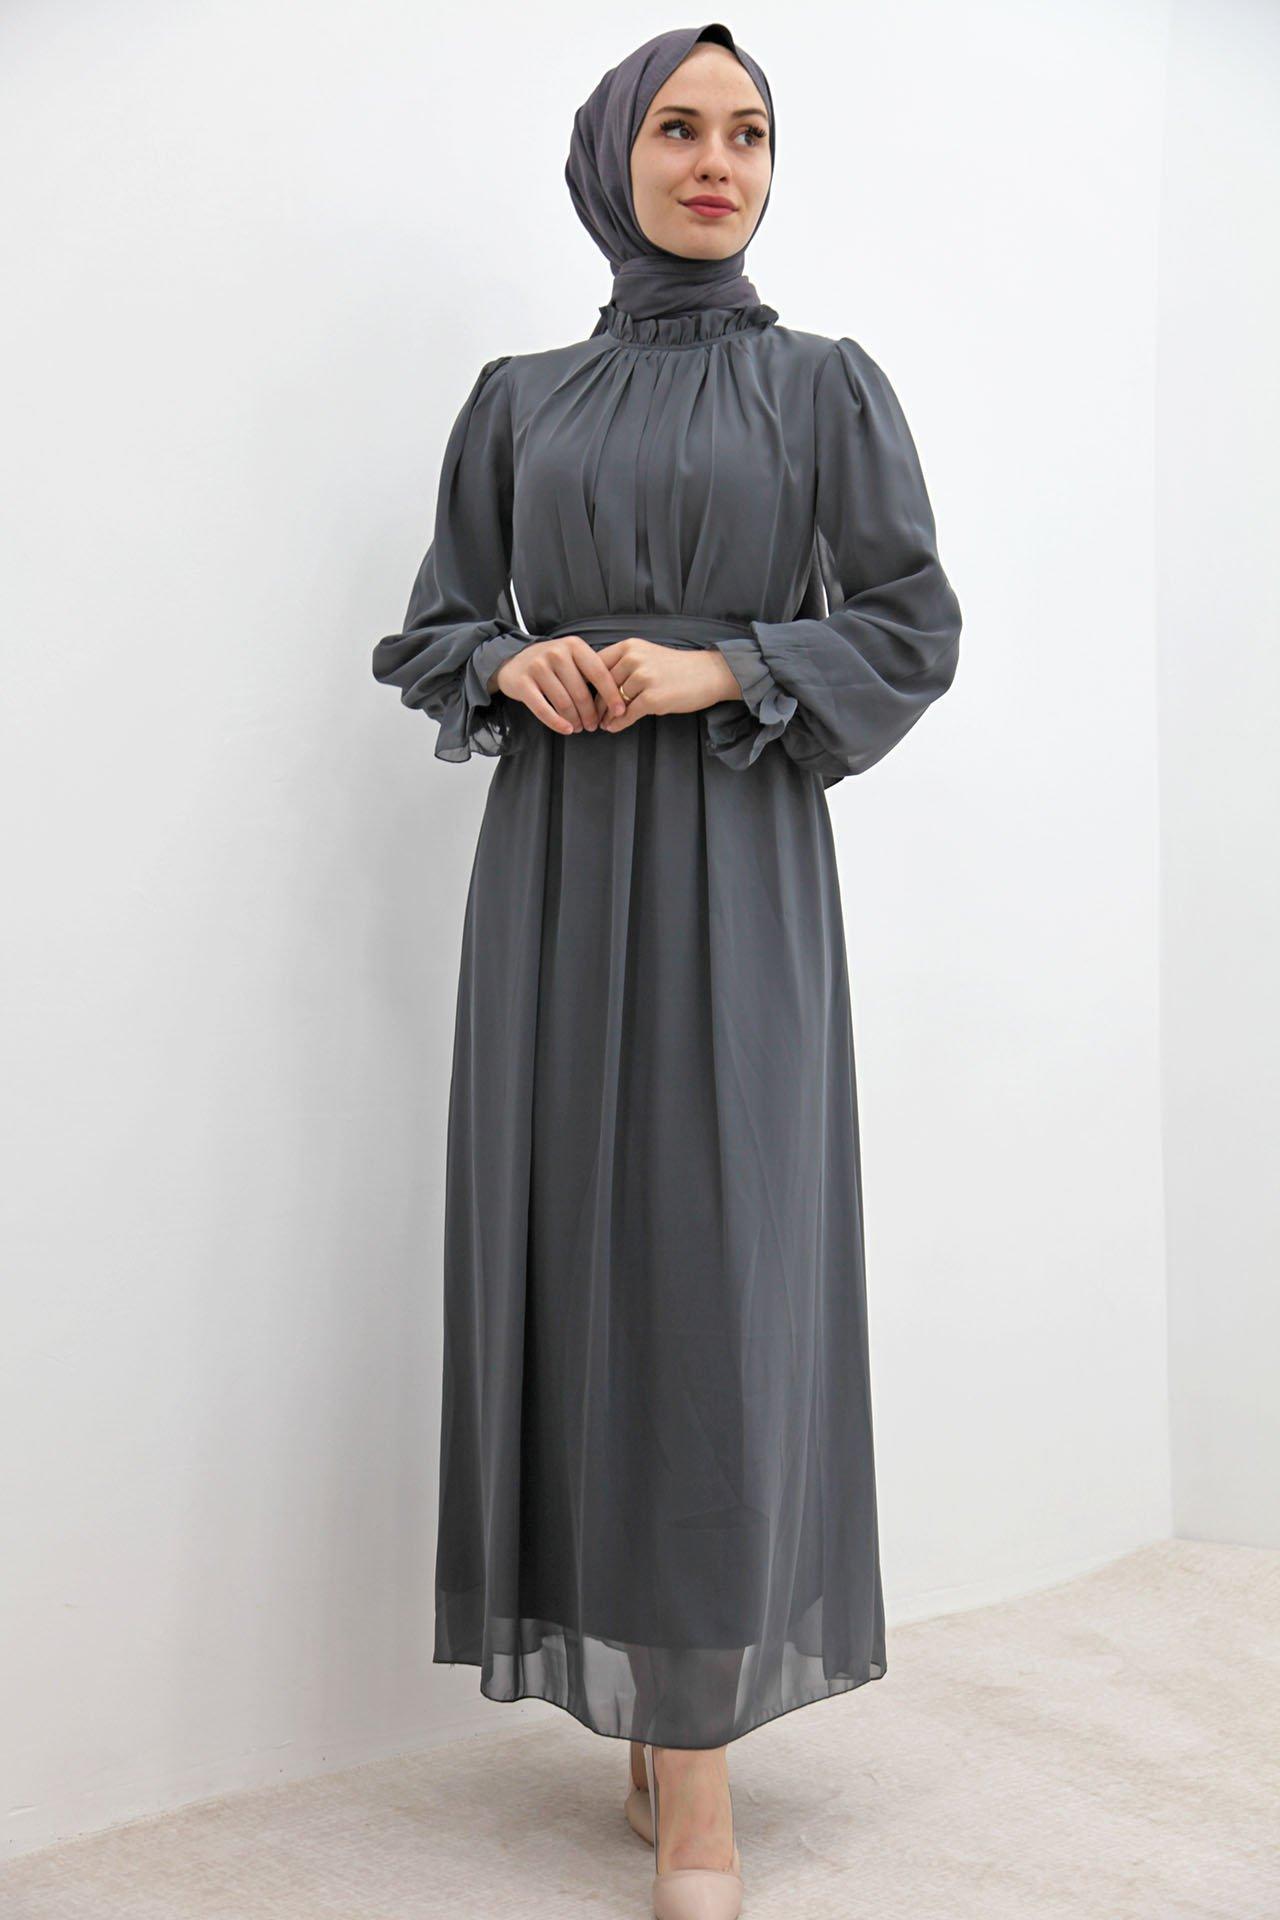 GİZAGİYİM - Kol Boyun Fırfır Tesettür Elbise Gri